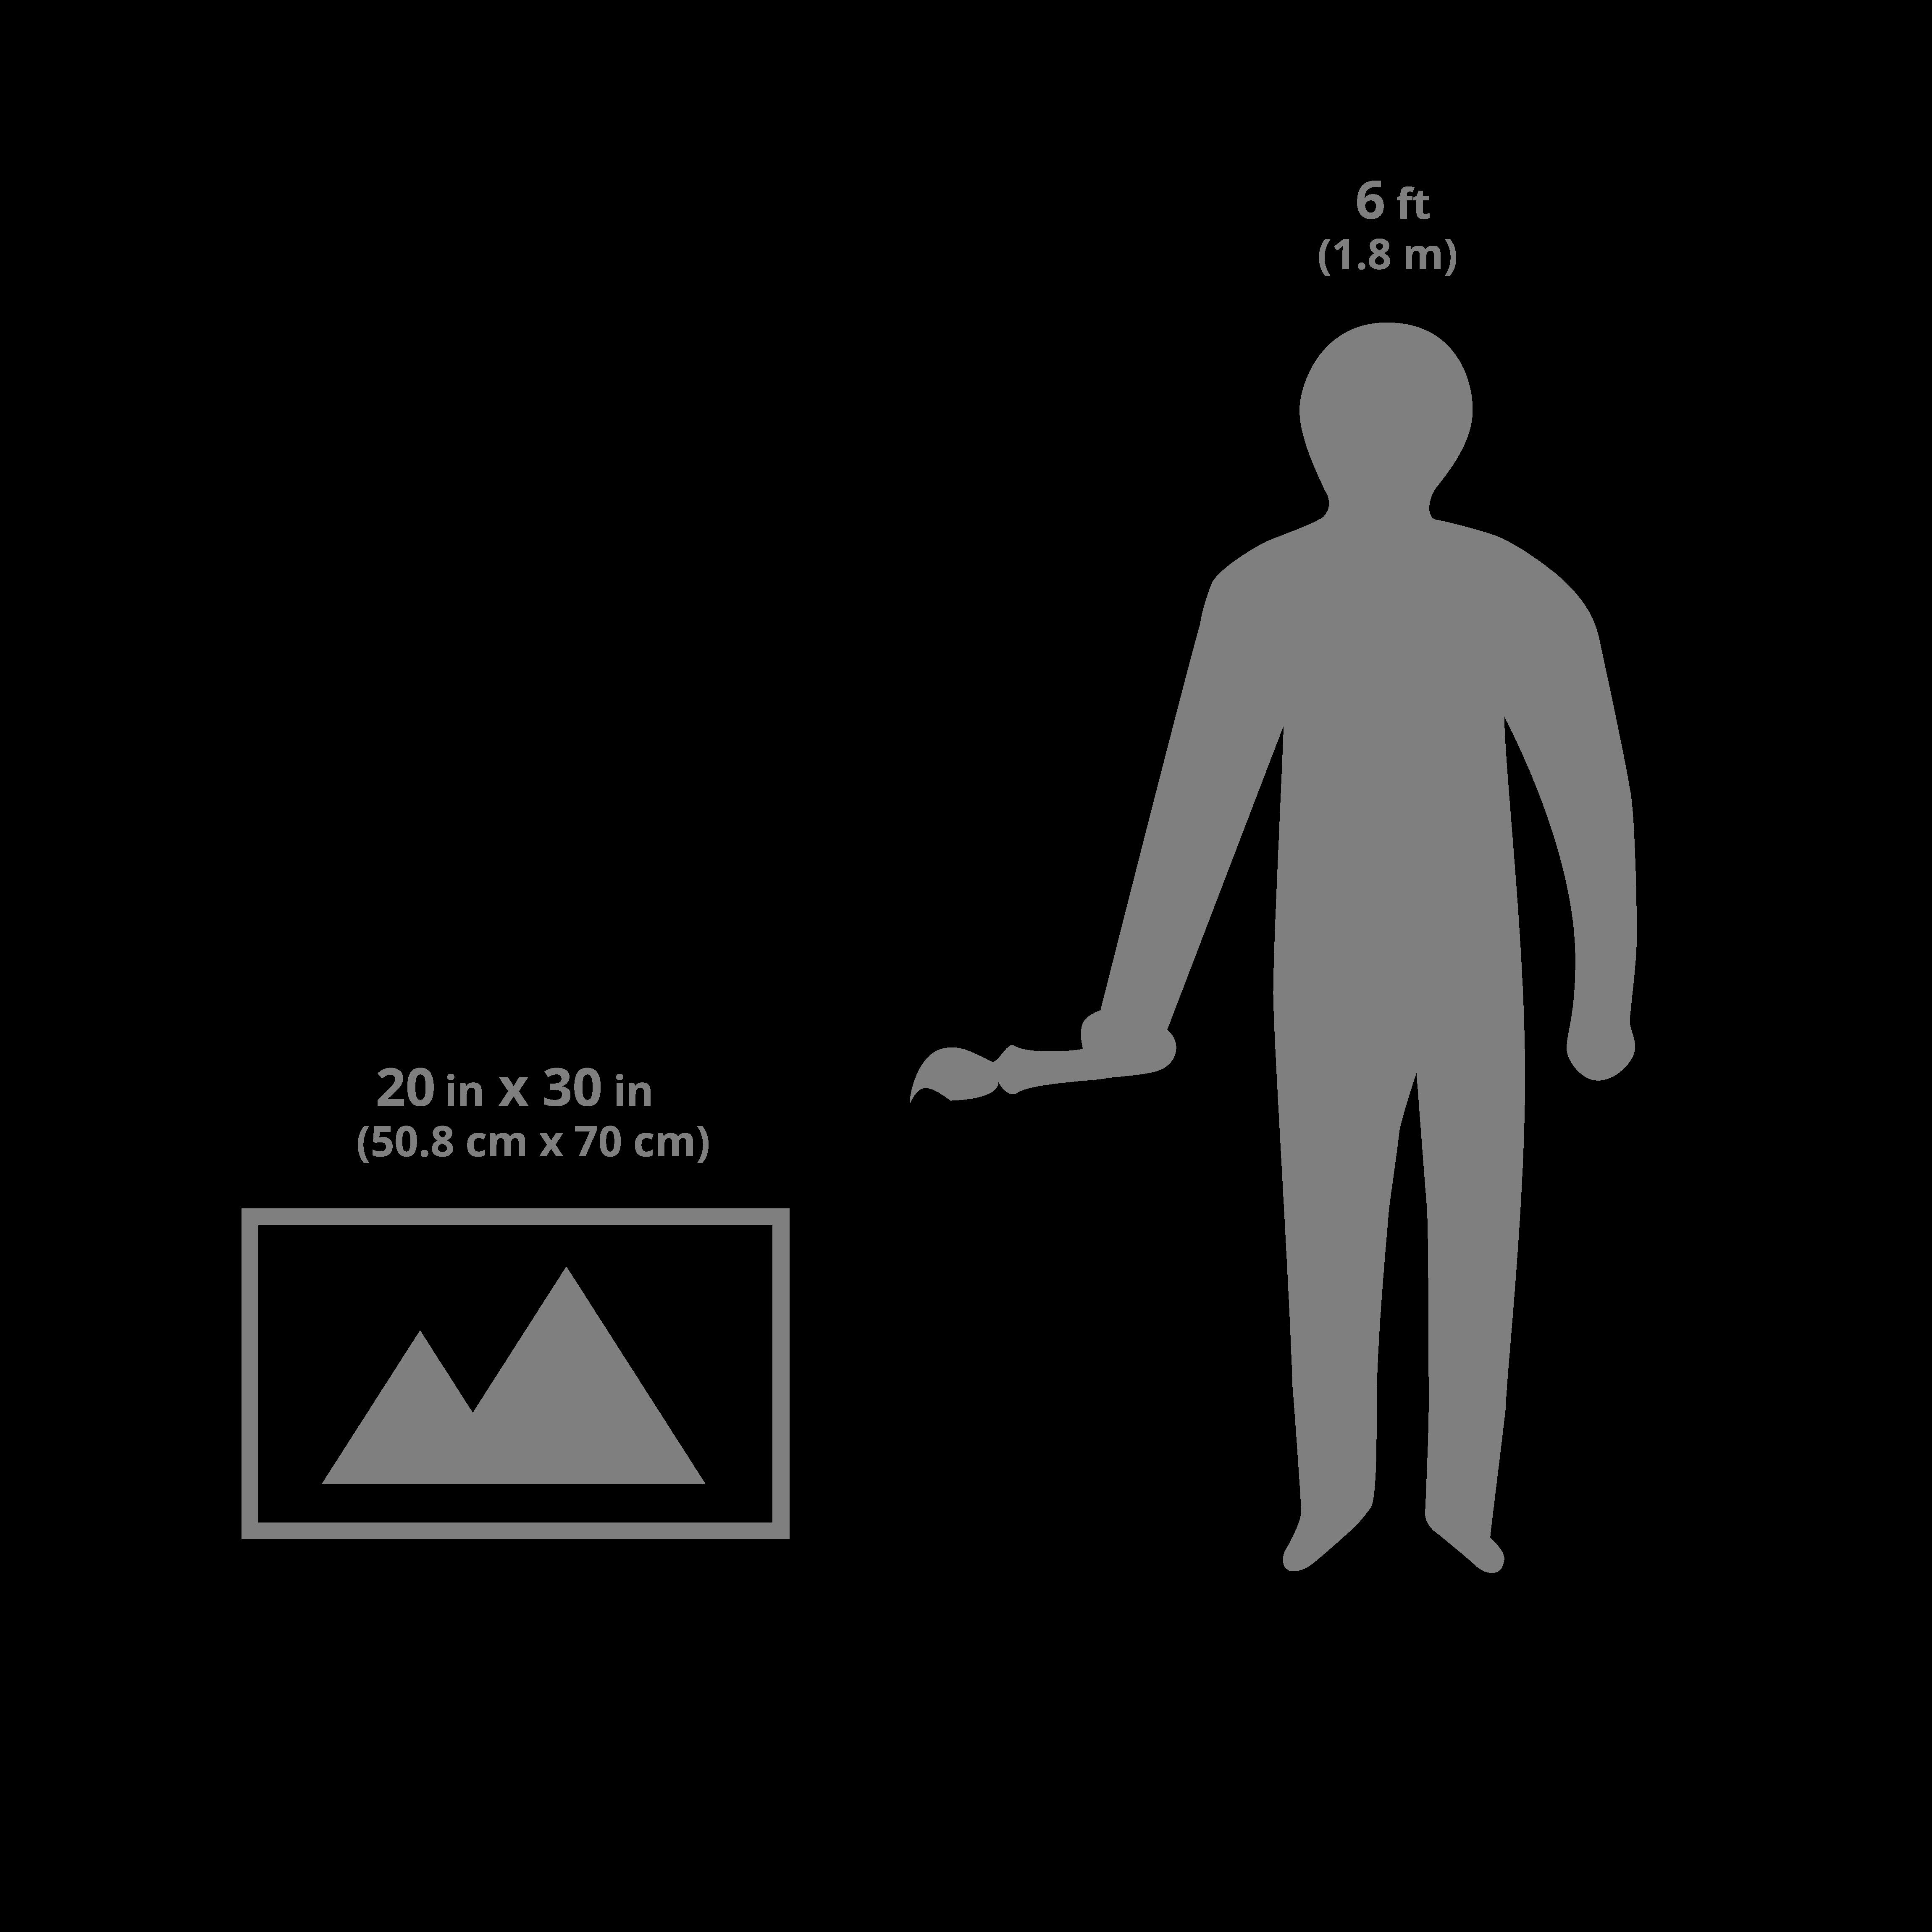 20x30 art sizing scale image